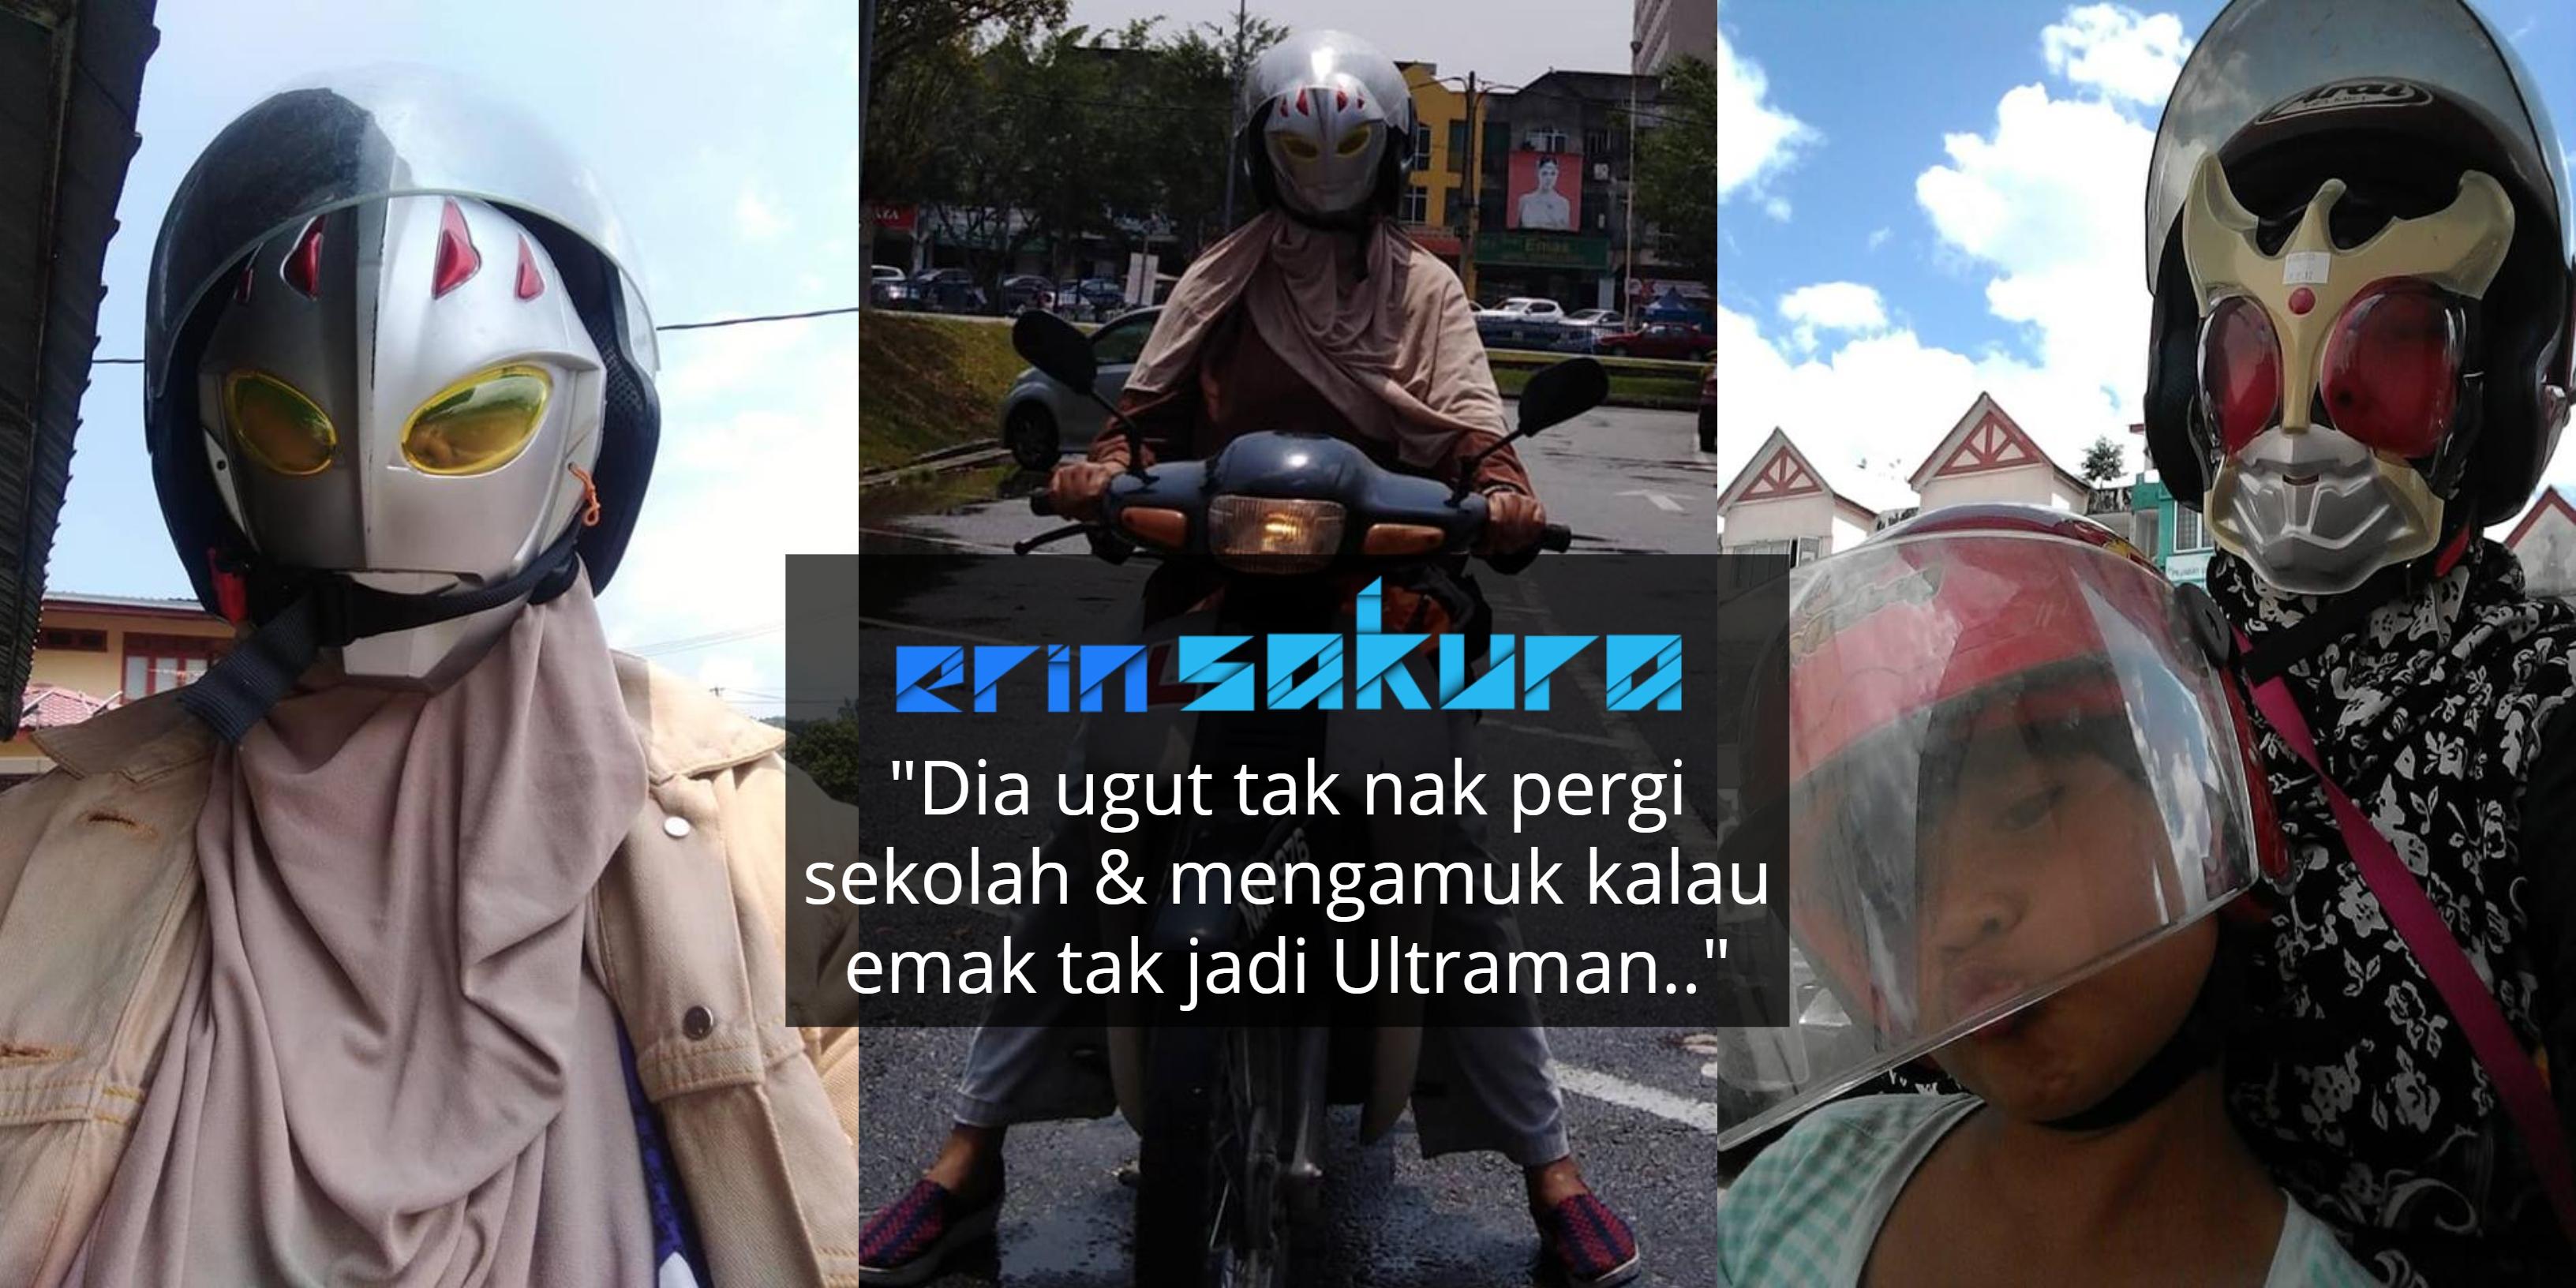 Sanggup Tebalkan Muka Jadi Ultraman Ke Sekolah, Janji Anak Autisme Seronok!